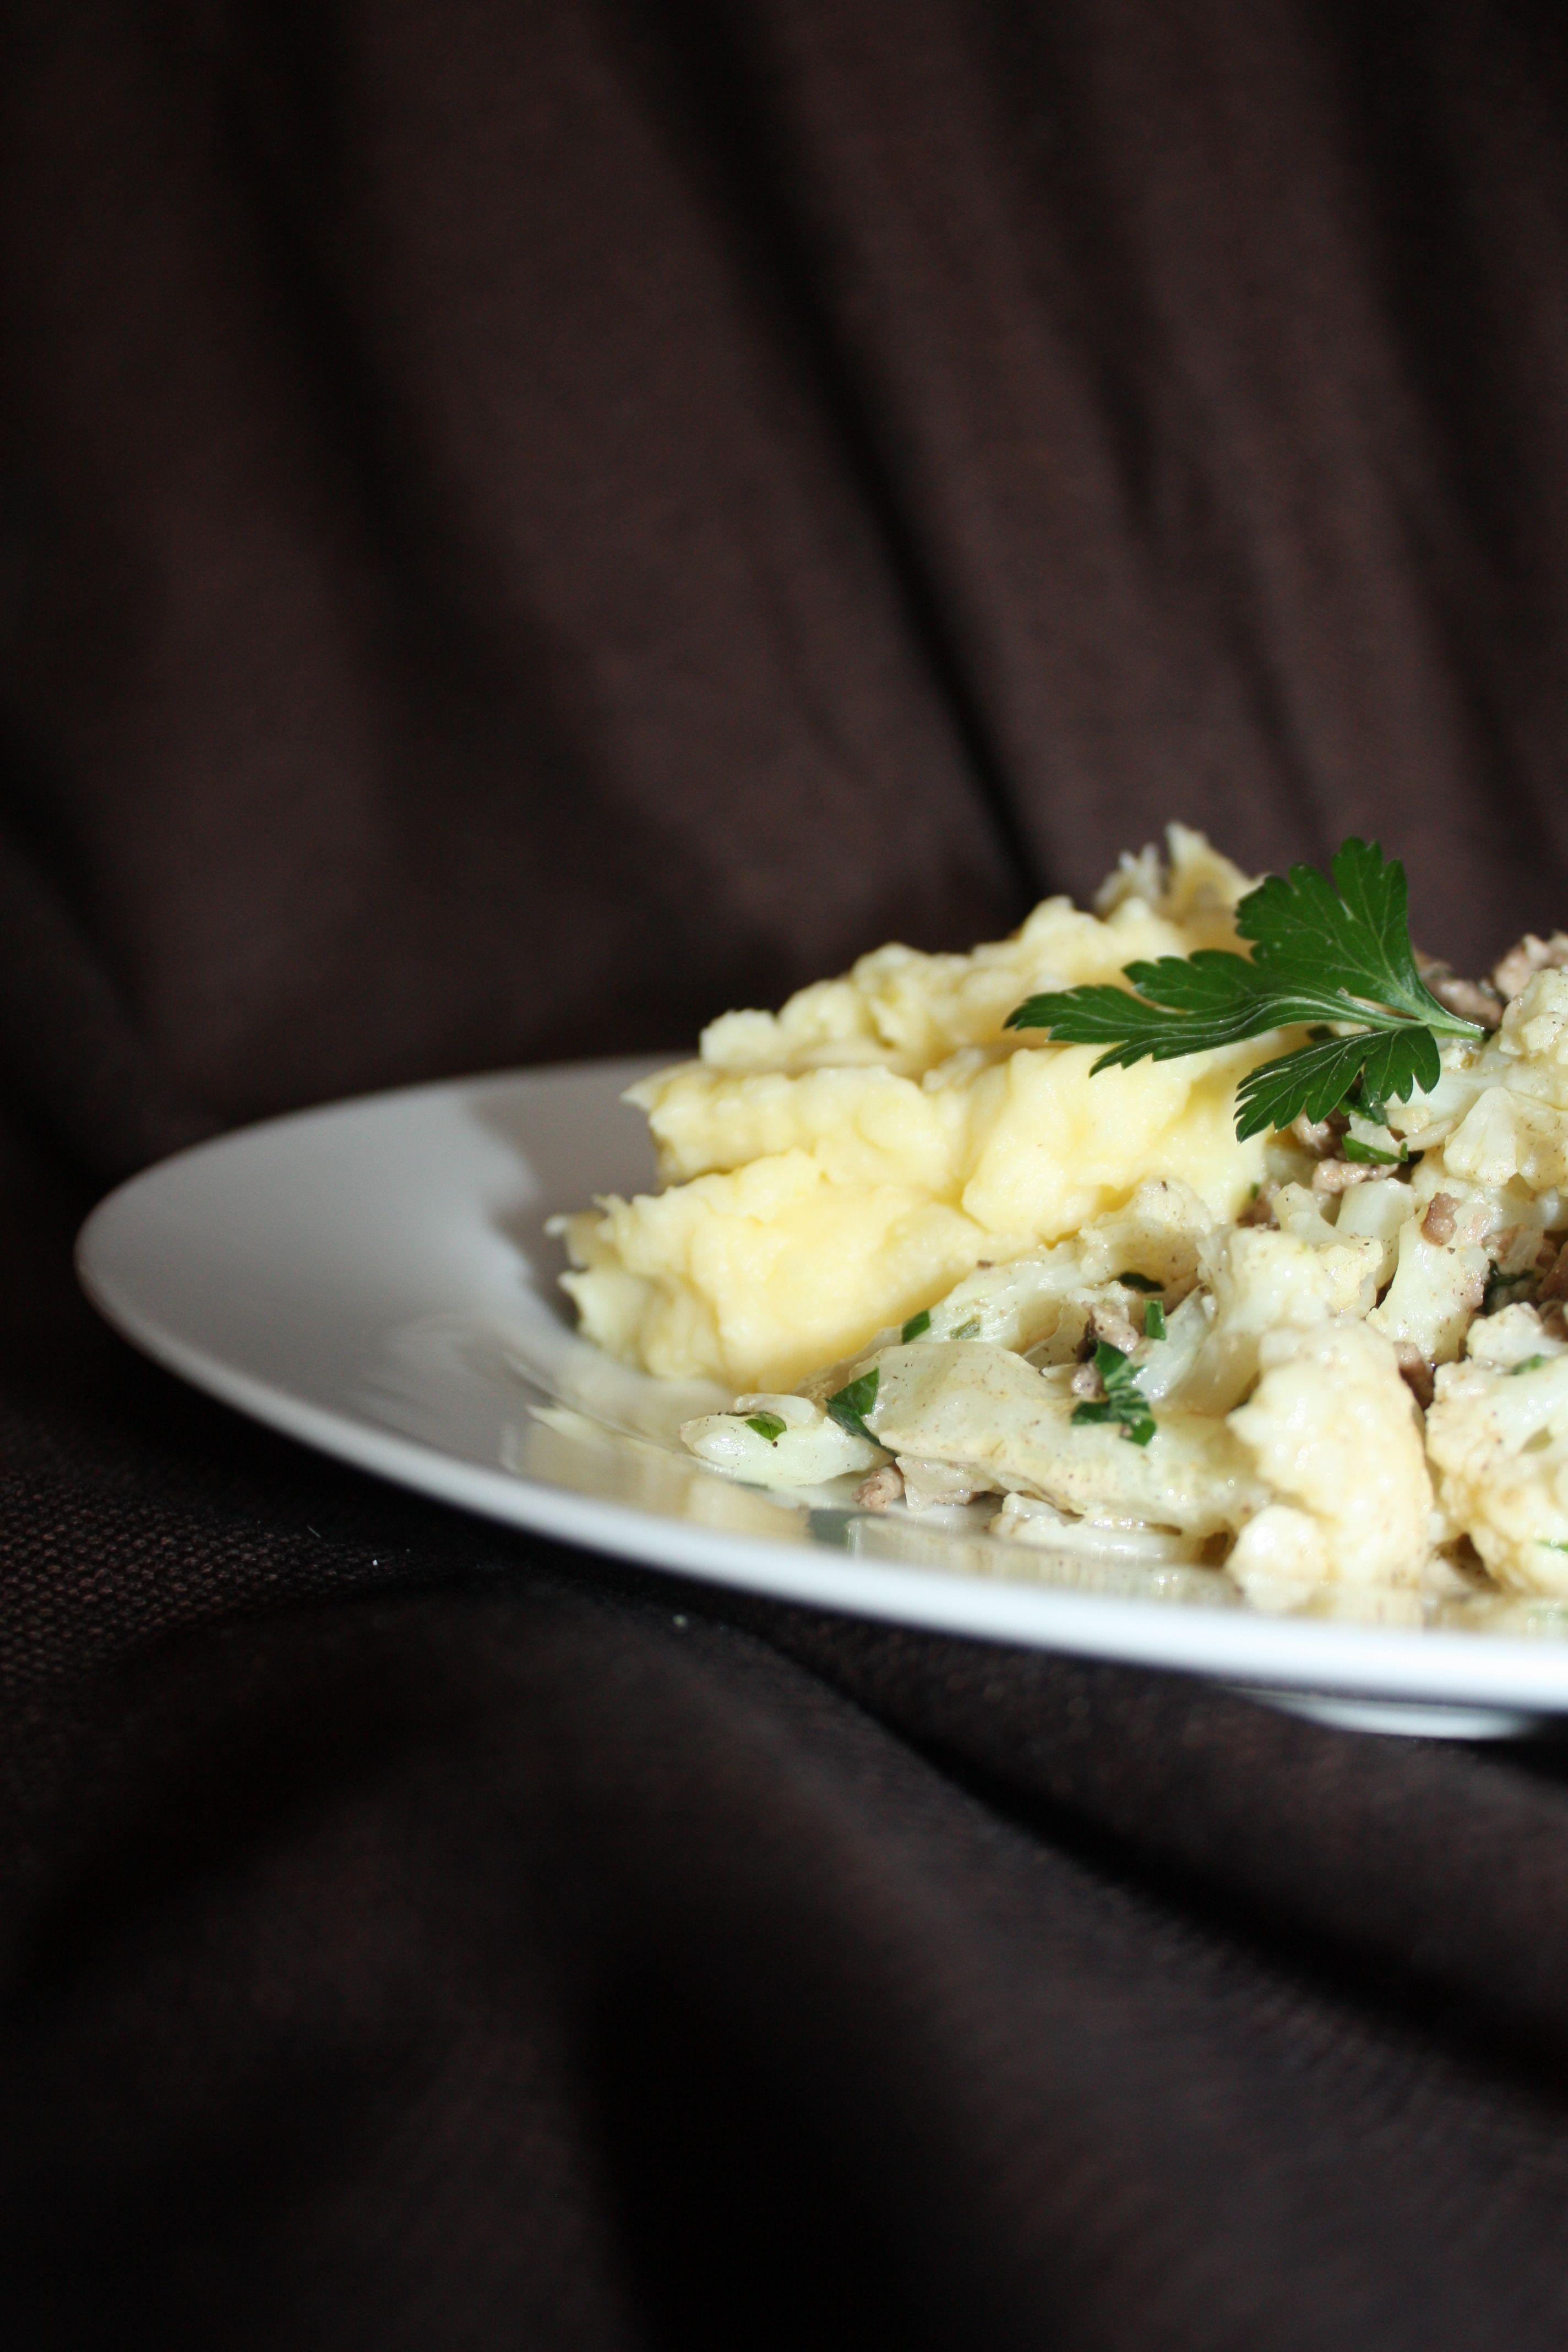 Kartoffelpüree mit Blumenkohl-Hack-Pfanne https://wirbelinmeinerkueche.wordpress.com/2015/09/04/es-wird-herbst/